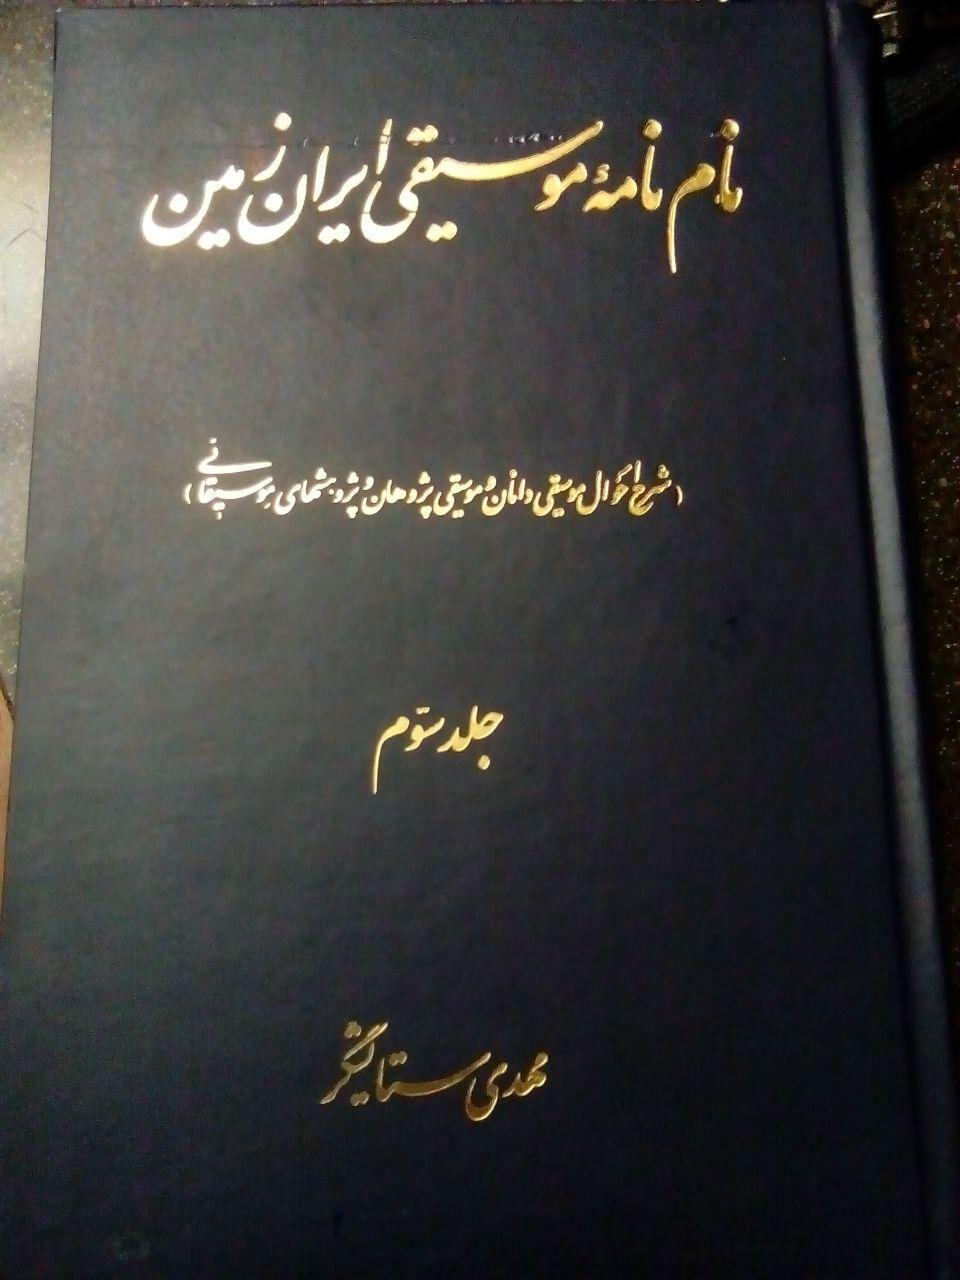 کتاب نامنامهی موسیقی ایران زمین جلد سوم مهدی ستایشگر انتشارات اطلاعات